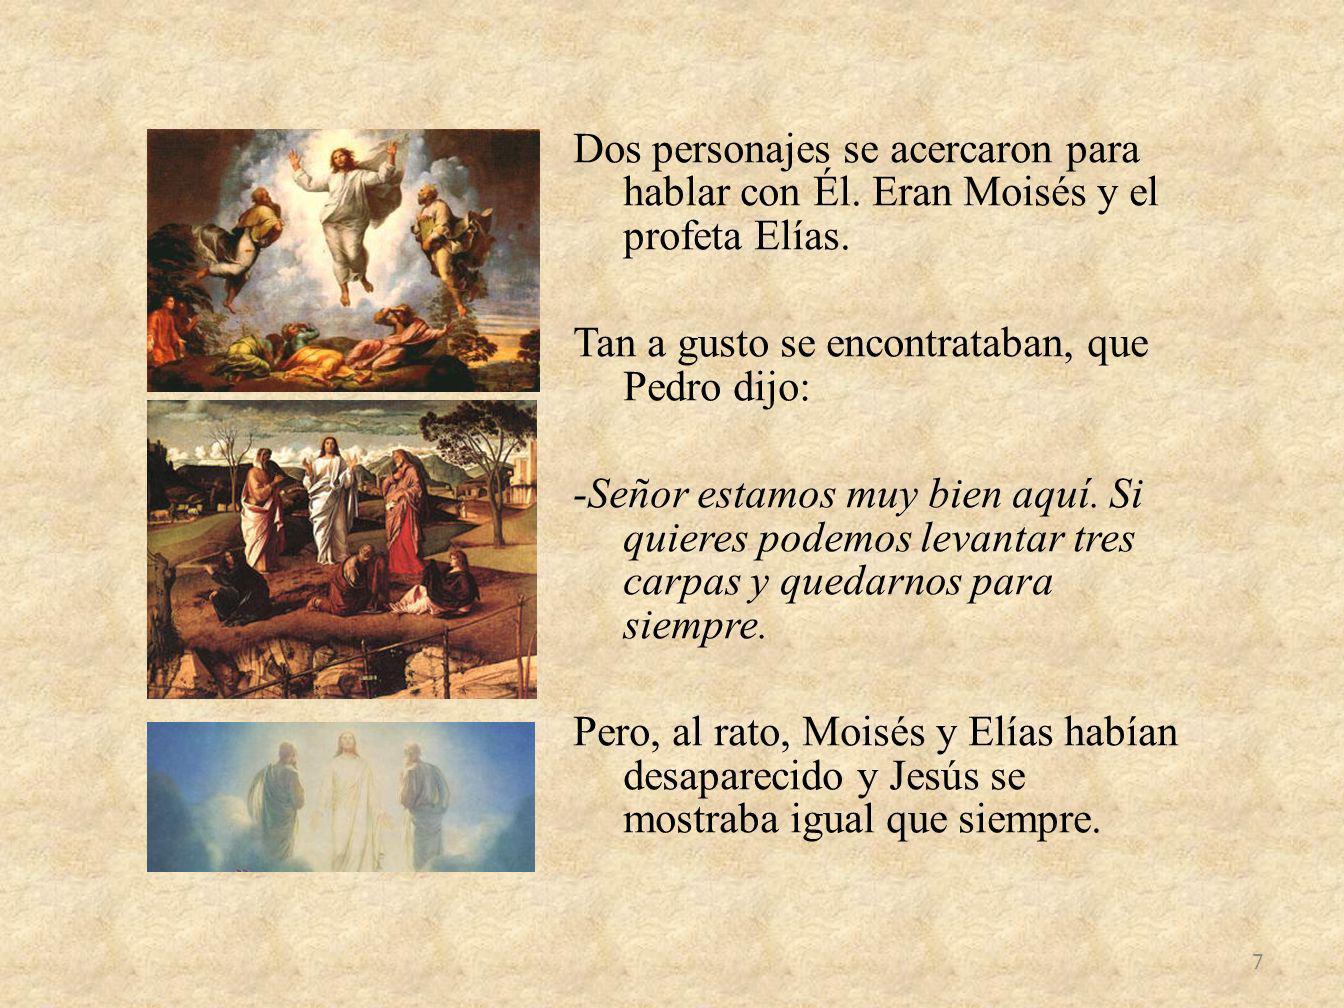 Dos personajes se acercaron para hablar con Él. Eran Moisés y el profeta Elías. Tan a gusto se encontrataban, que Pedro dijo: -Señor estamos muy bien